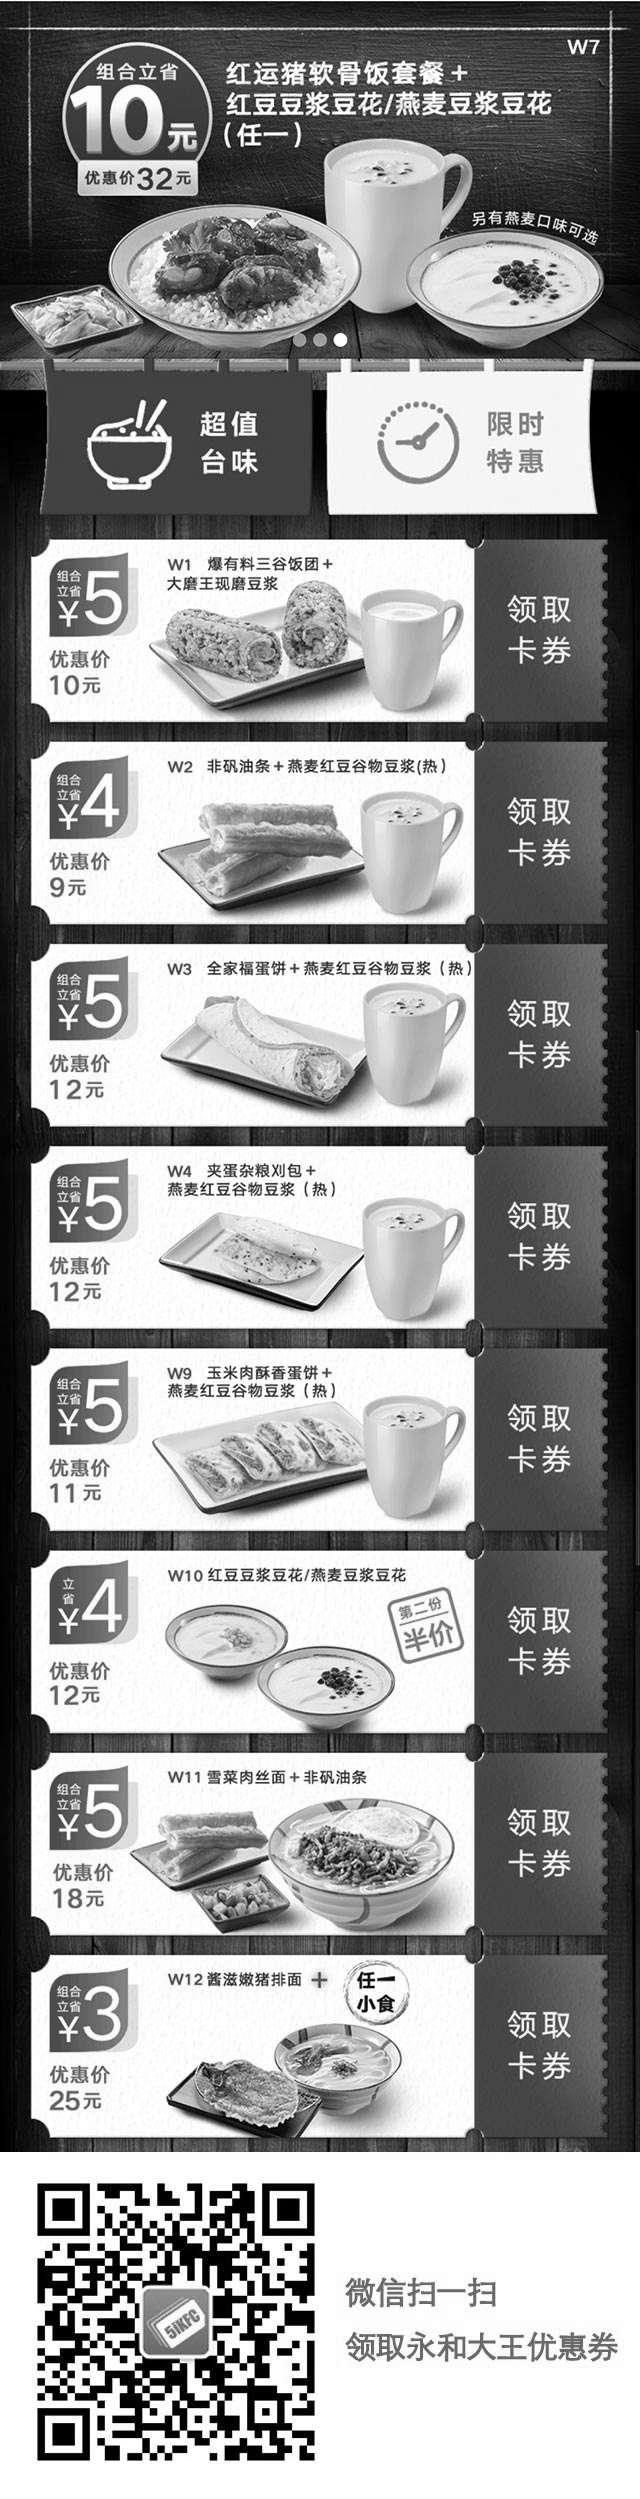 黑白优惠券图片:永和大王优惠券2019年1月2月超值台味卡券领取,豆花第2份半价、还有多种套餐优惠 - www.5ikfc.com